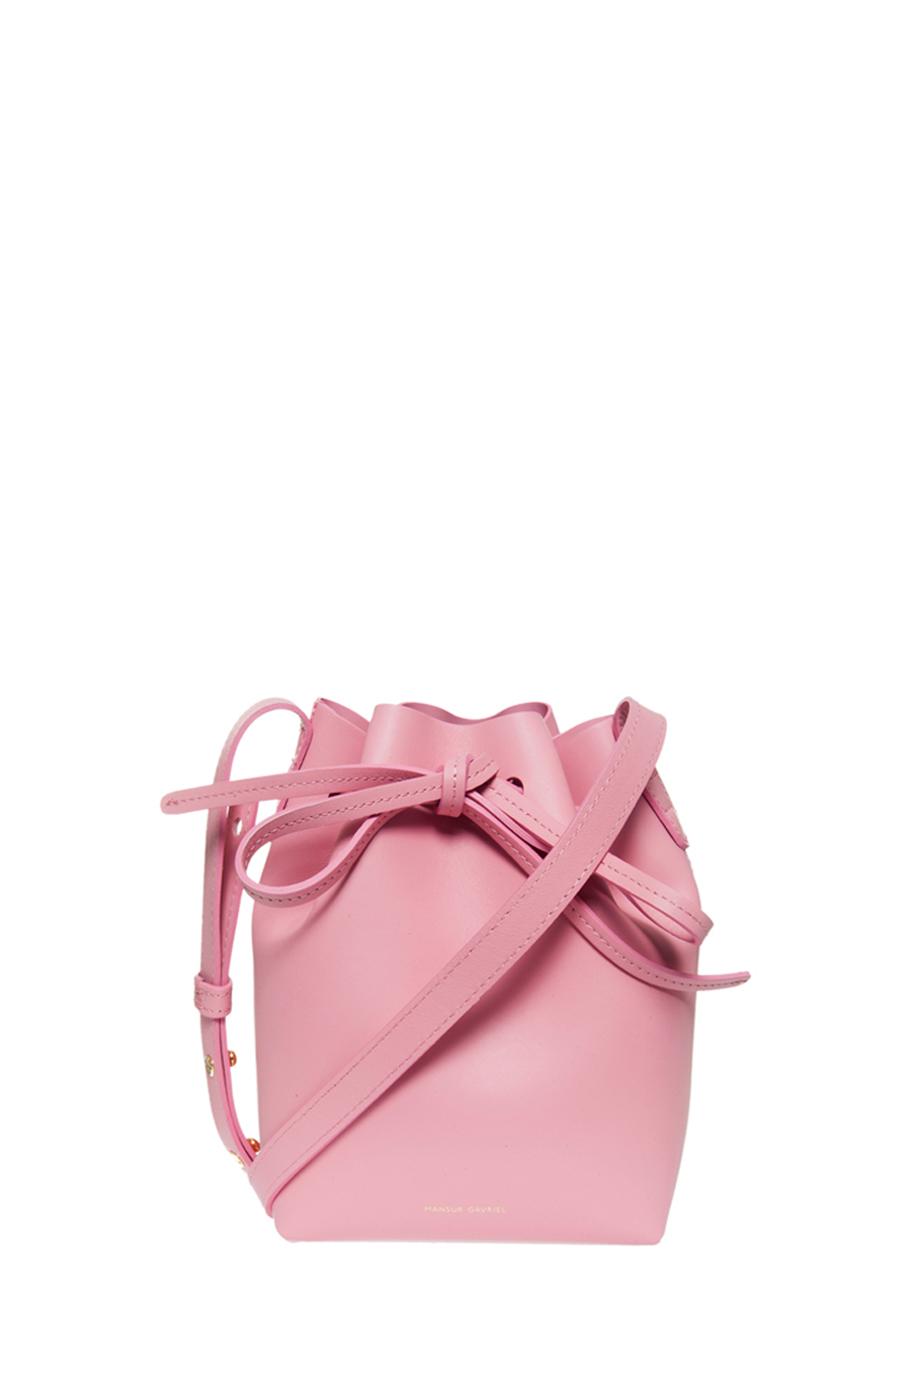 Lyst - Mansur Gavriel Mini Leather Bucket Bag in Pink